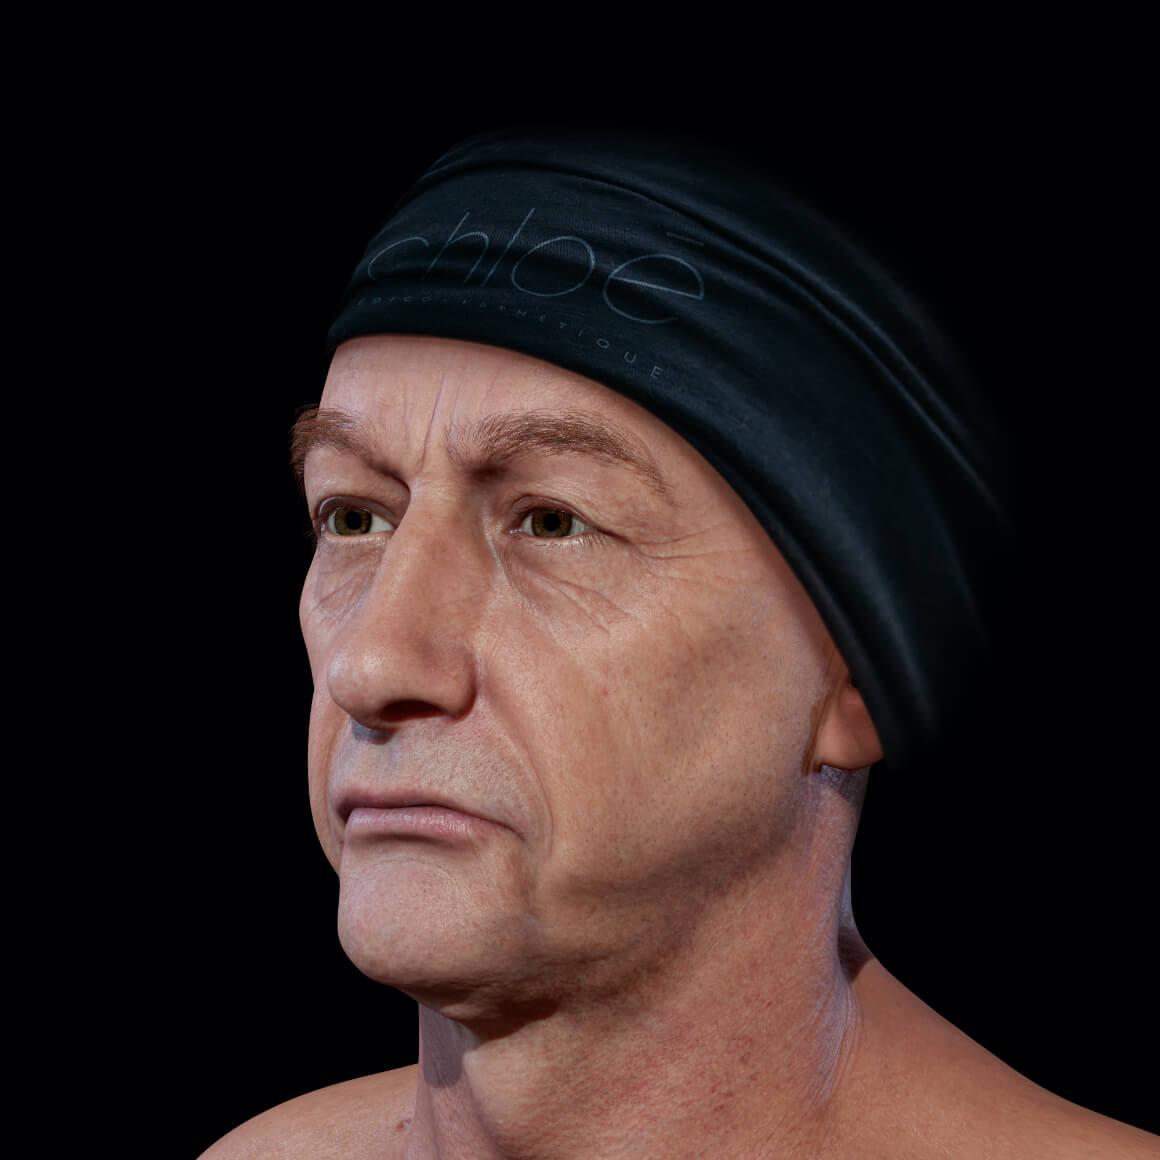 Patient de la Clinique Chloé positionné en angle démontrant une perte de tonus du visage